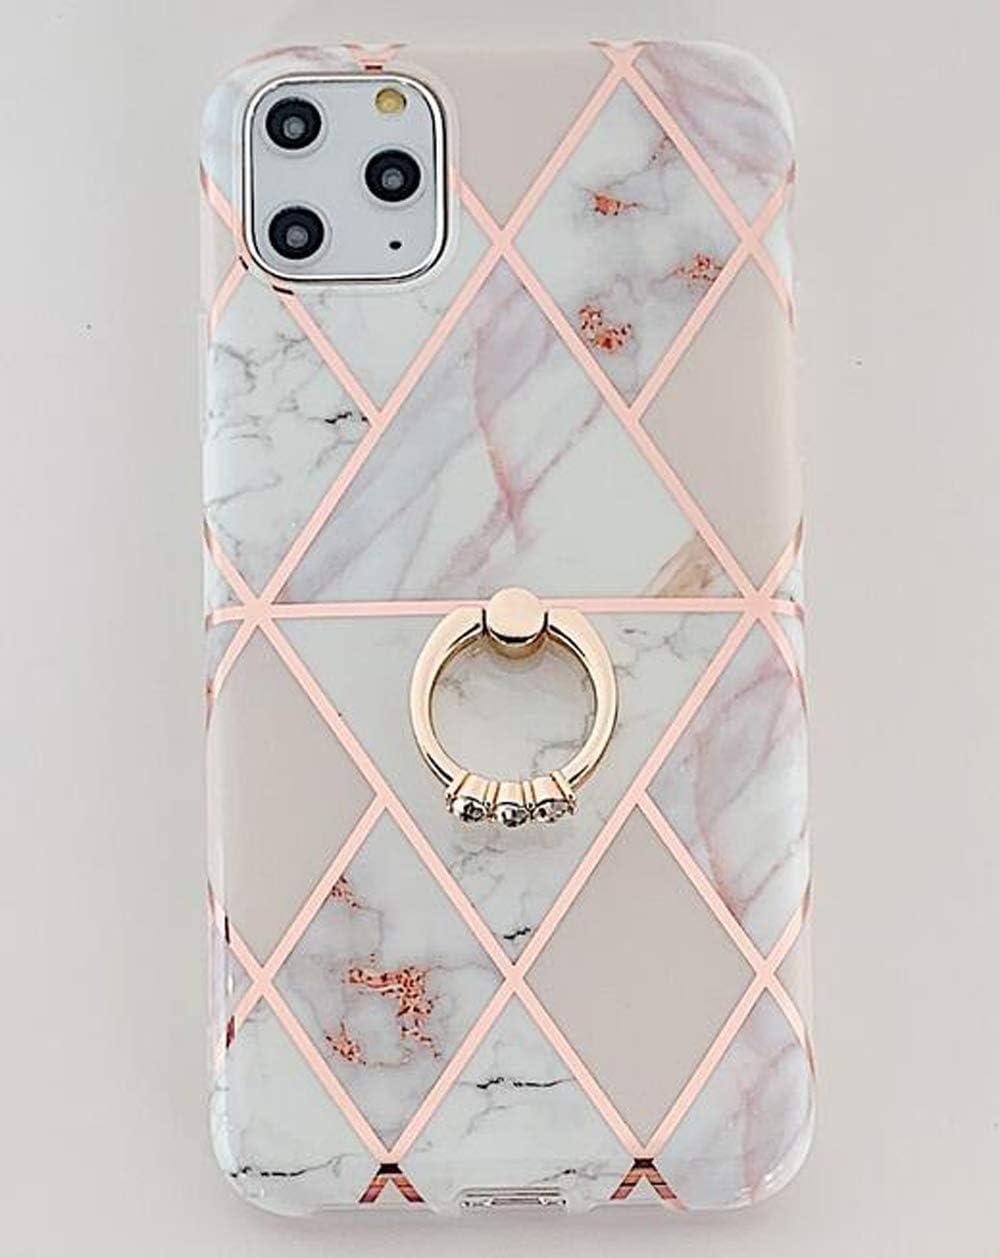 MoreChioce compatible avec Coque iPhone XS,Coque iPhone X Marbre Souple Gel Silicone /Étui avec Ananas Transparent avec Strass Glitter Sparkle Dur Protection Case Rigid Cover Skin,Bague Marbre Gris